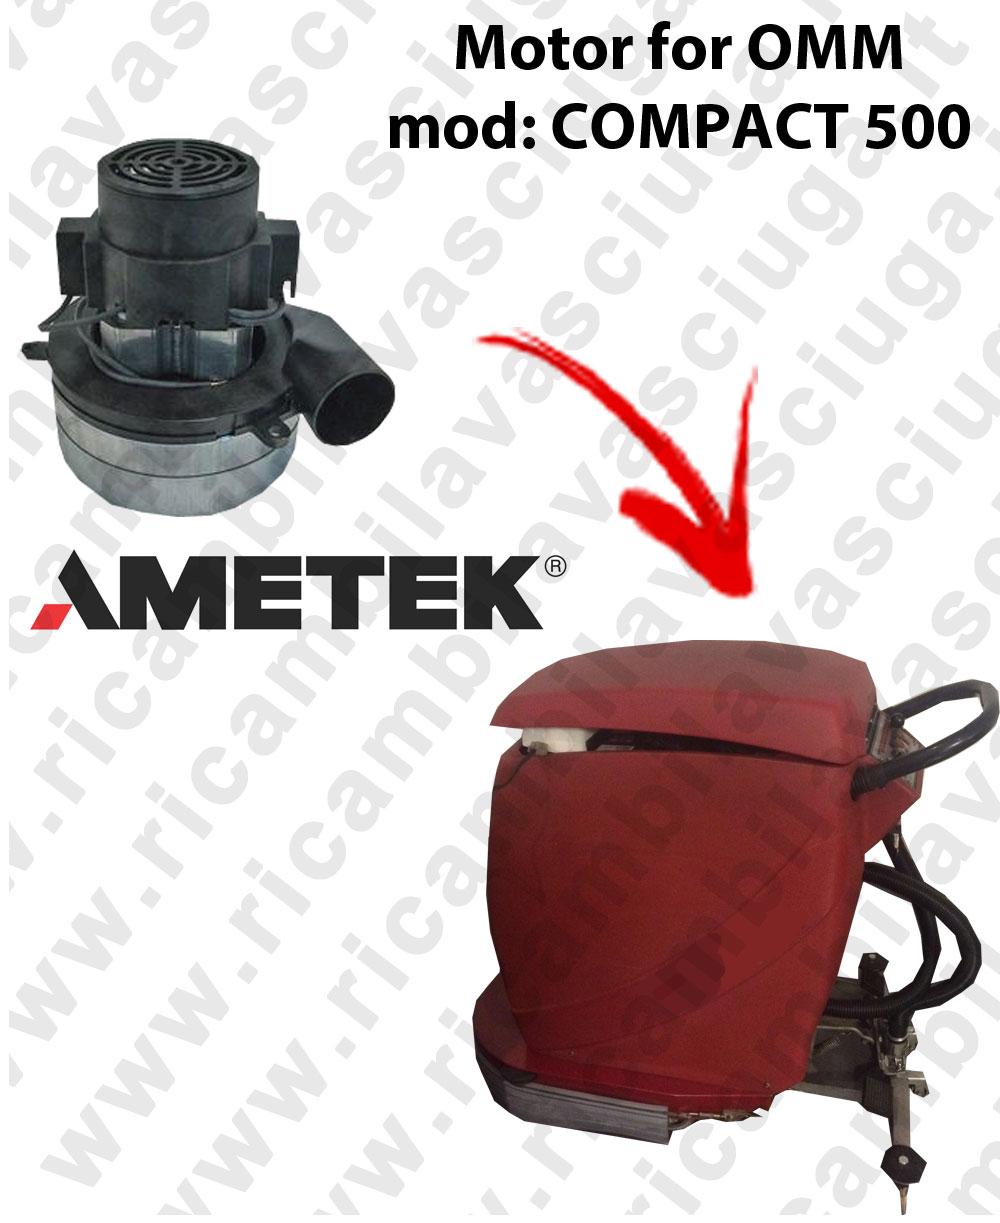 COMPACT 500 Motore aspirazione AMETEK ITALIA per lavapavimenti OMM